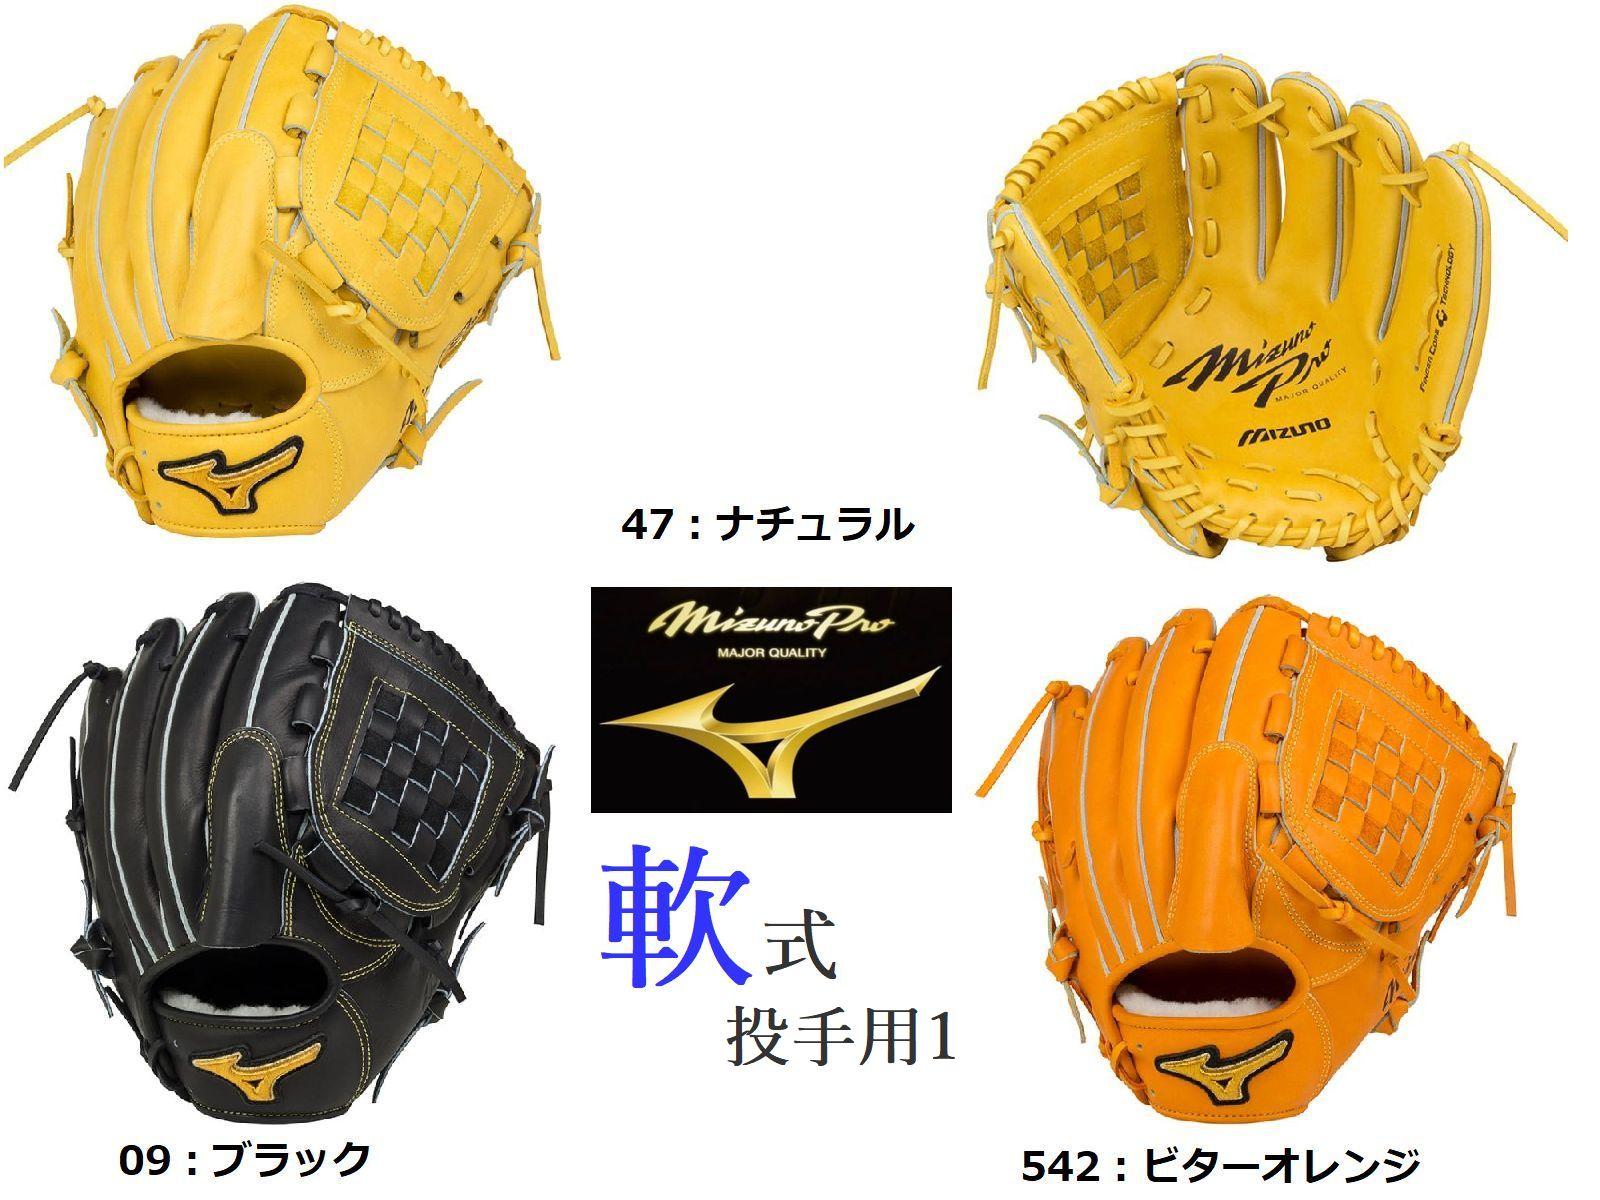 お取り寄せ品【Mizuno PRO=ミズノプロ】野球 一般 軟式用 グラブ グローブ<フィンガーコアテクノロジー【投手用1】>[ヨコ型タイプ](サイズ:11)<カラーは3色(右投用/左投用)>中学軟式野球 草野球 BASEBALL ベースボール